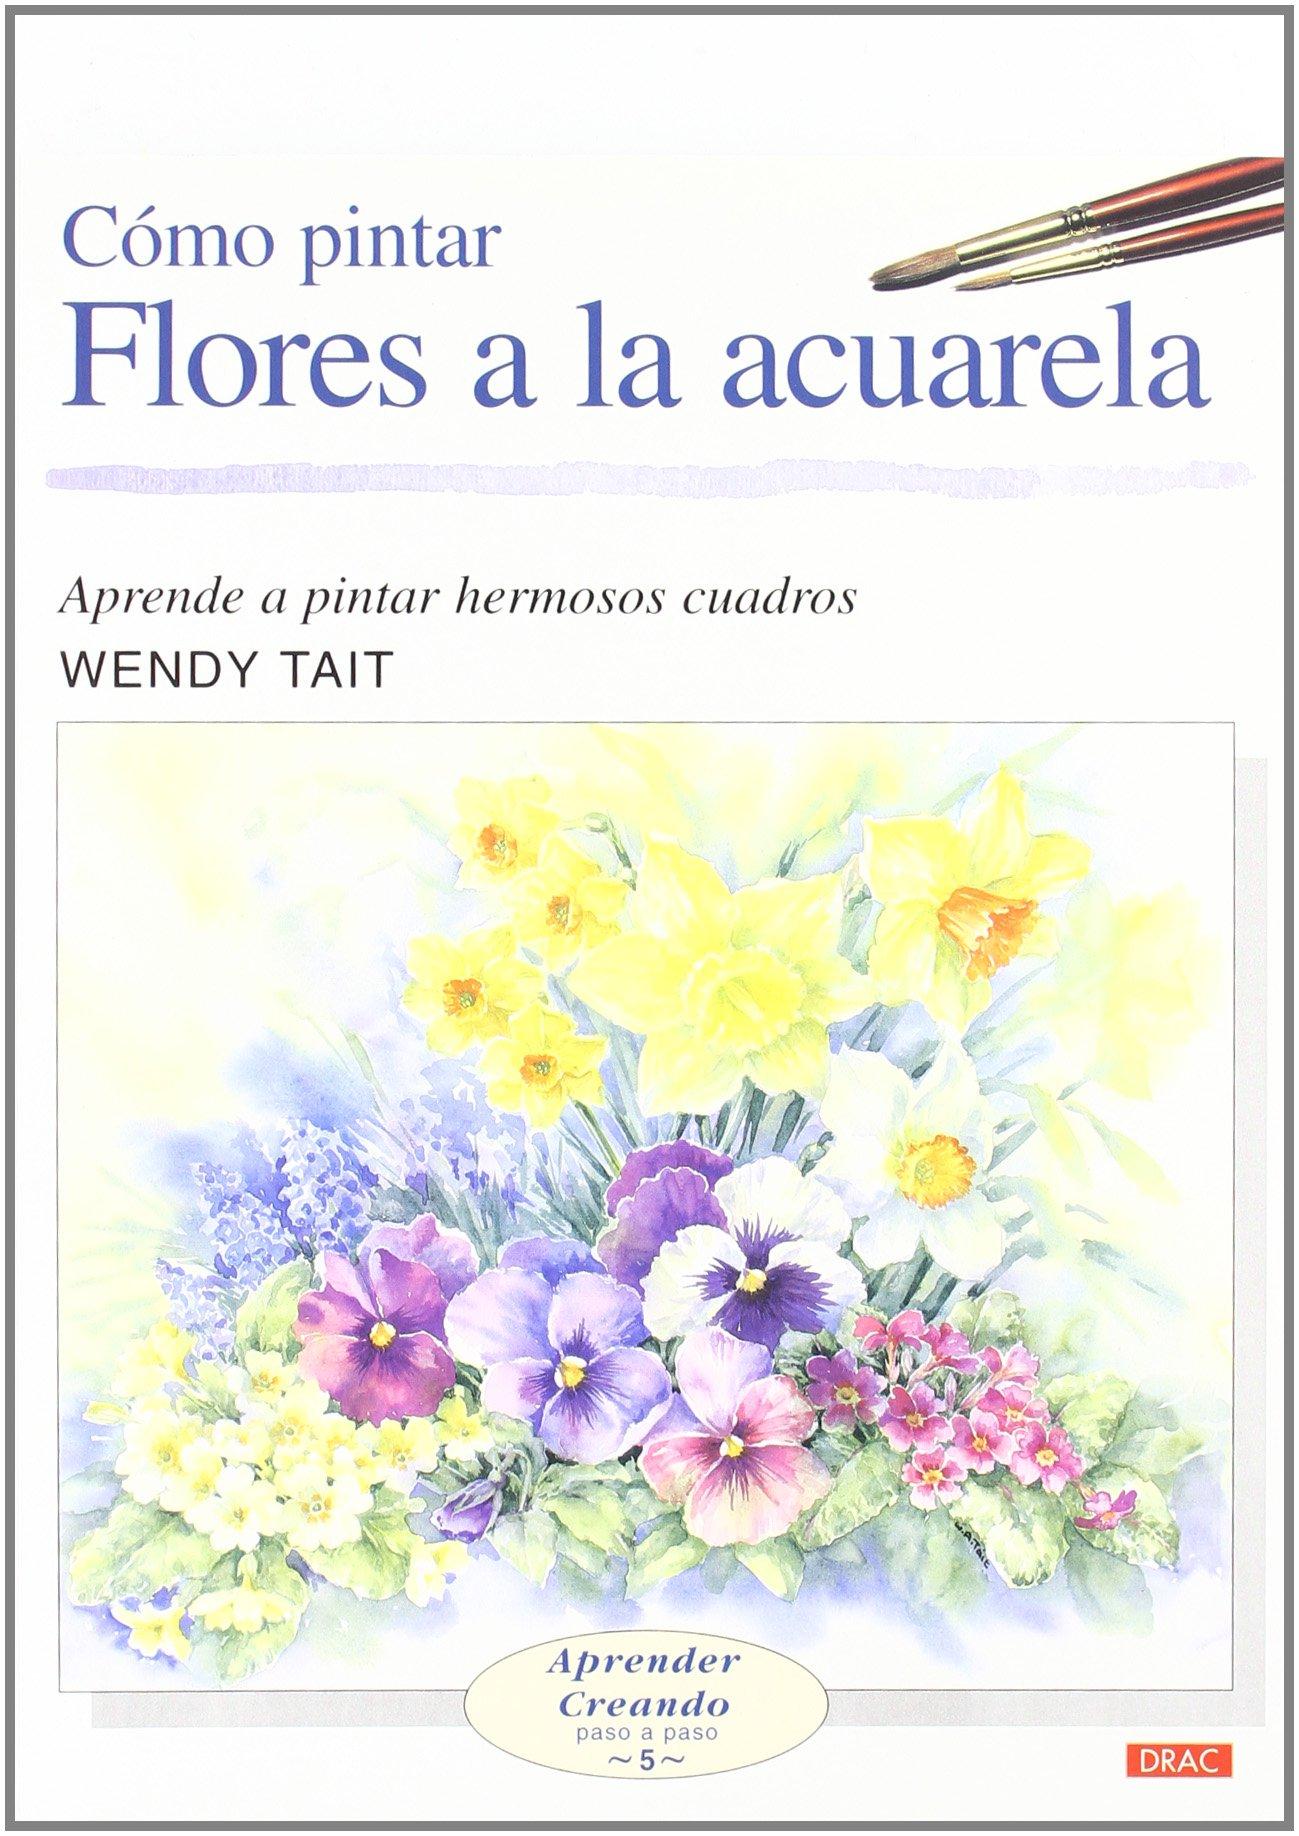 Como Pintar Flores a la Acuarela (Spanish Edition) by Ediciones del Drac